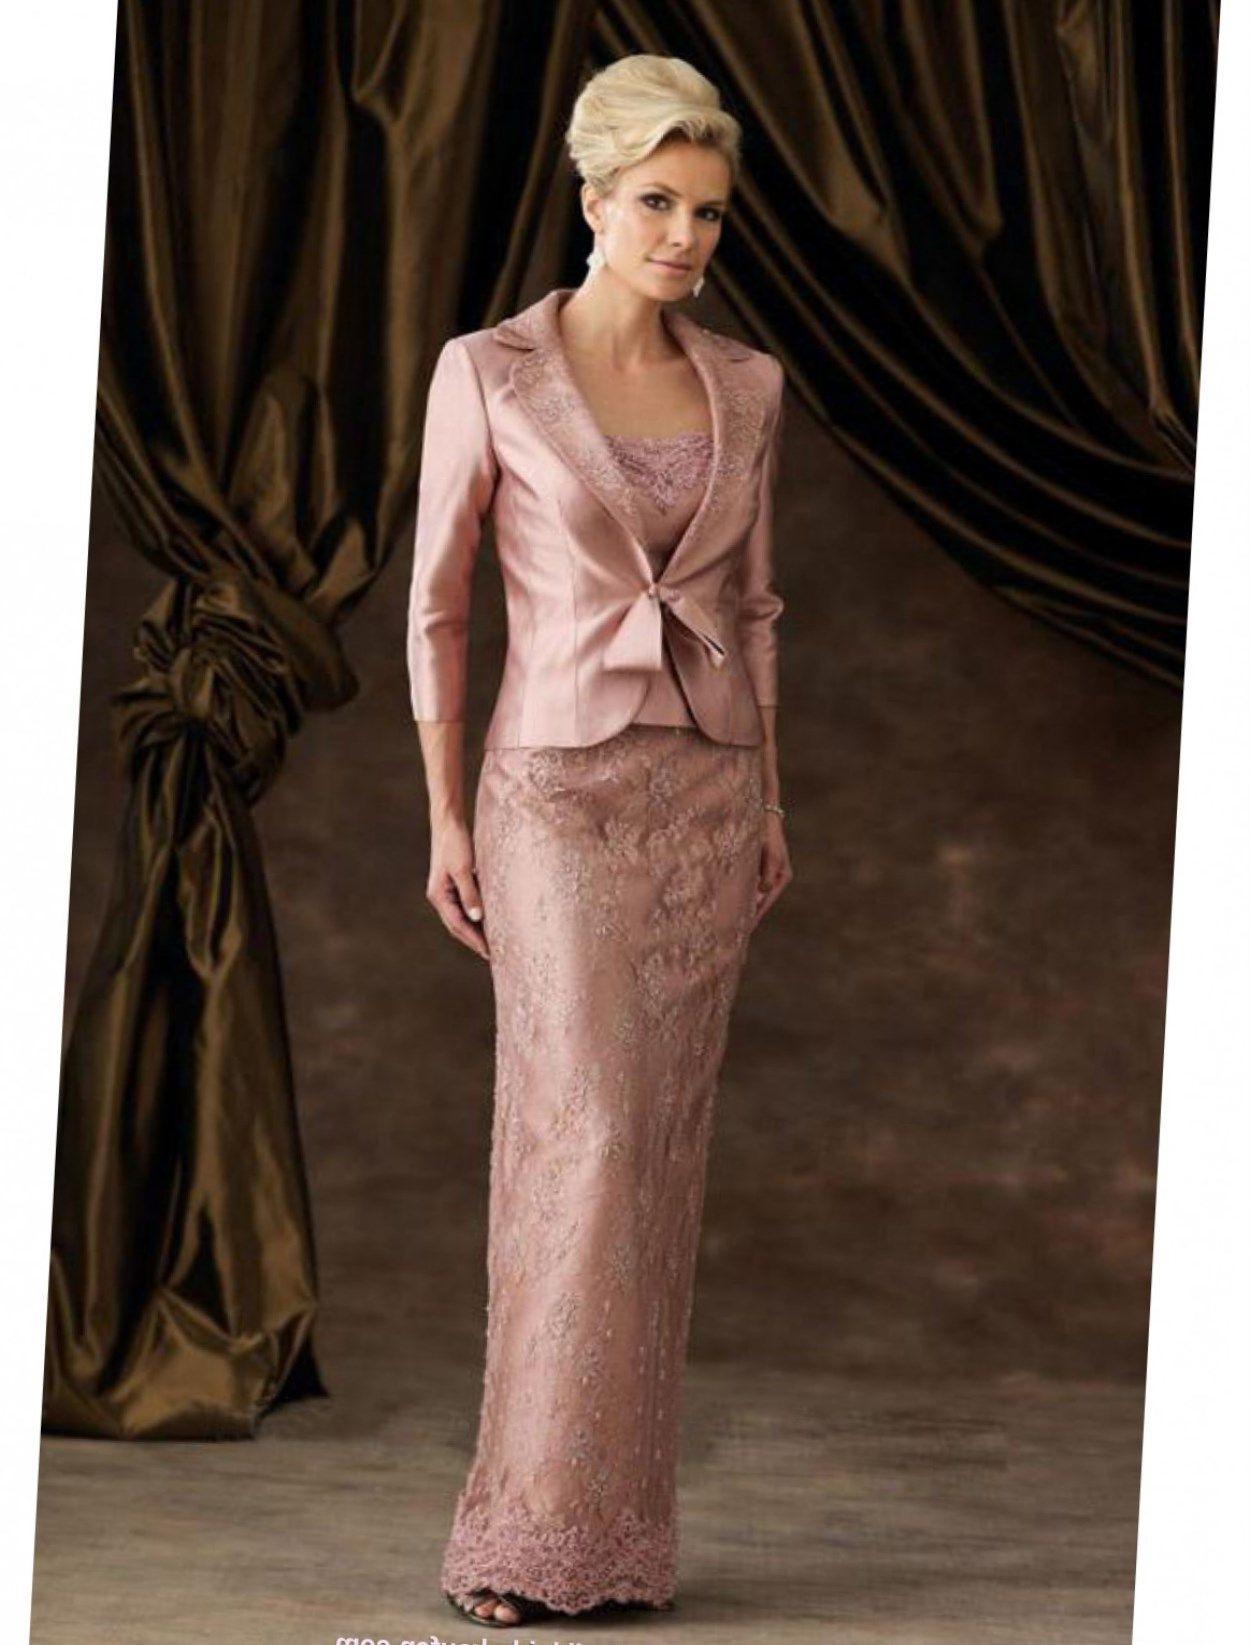 Formal Luxus Kleider Ältere Damen VertriebFormal Fantastisch Kleider Ältere Damen Spezialgebiet